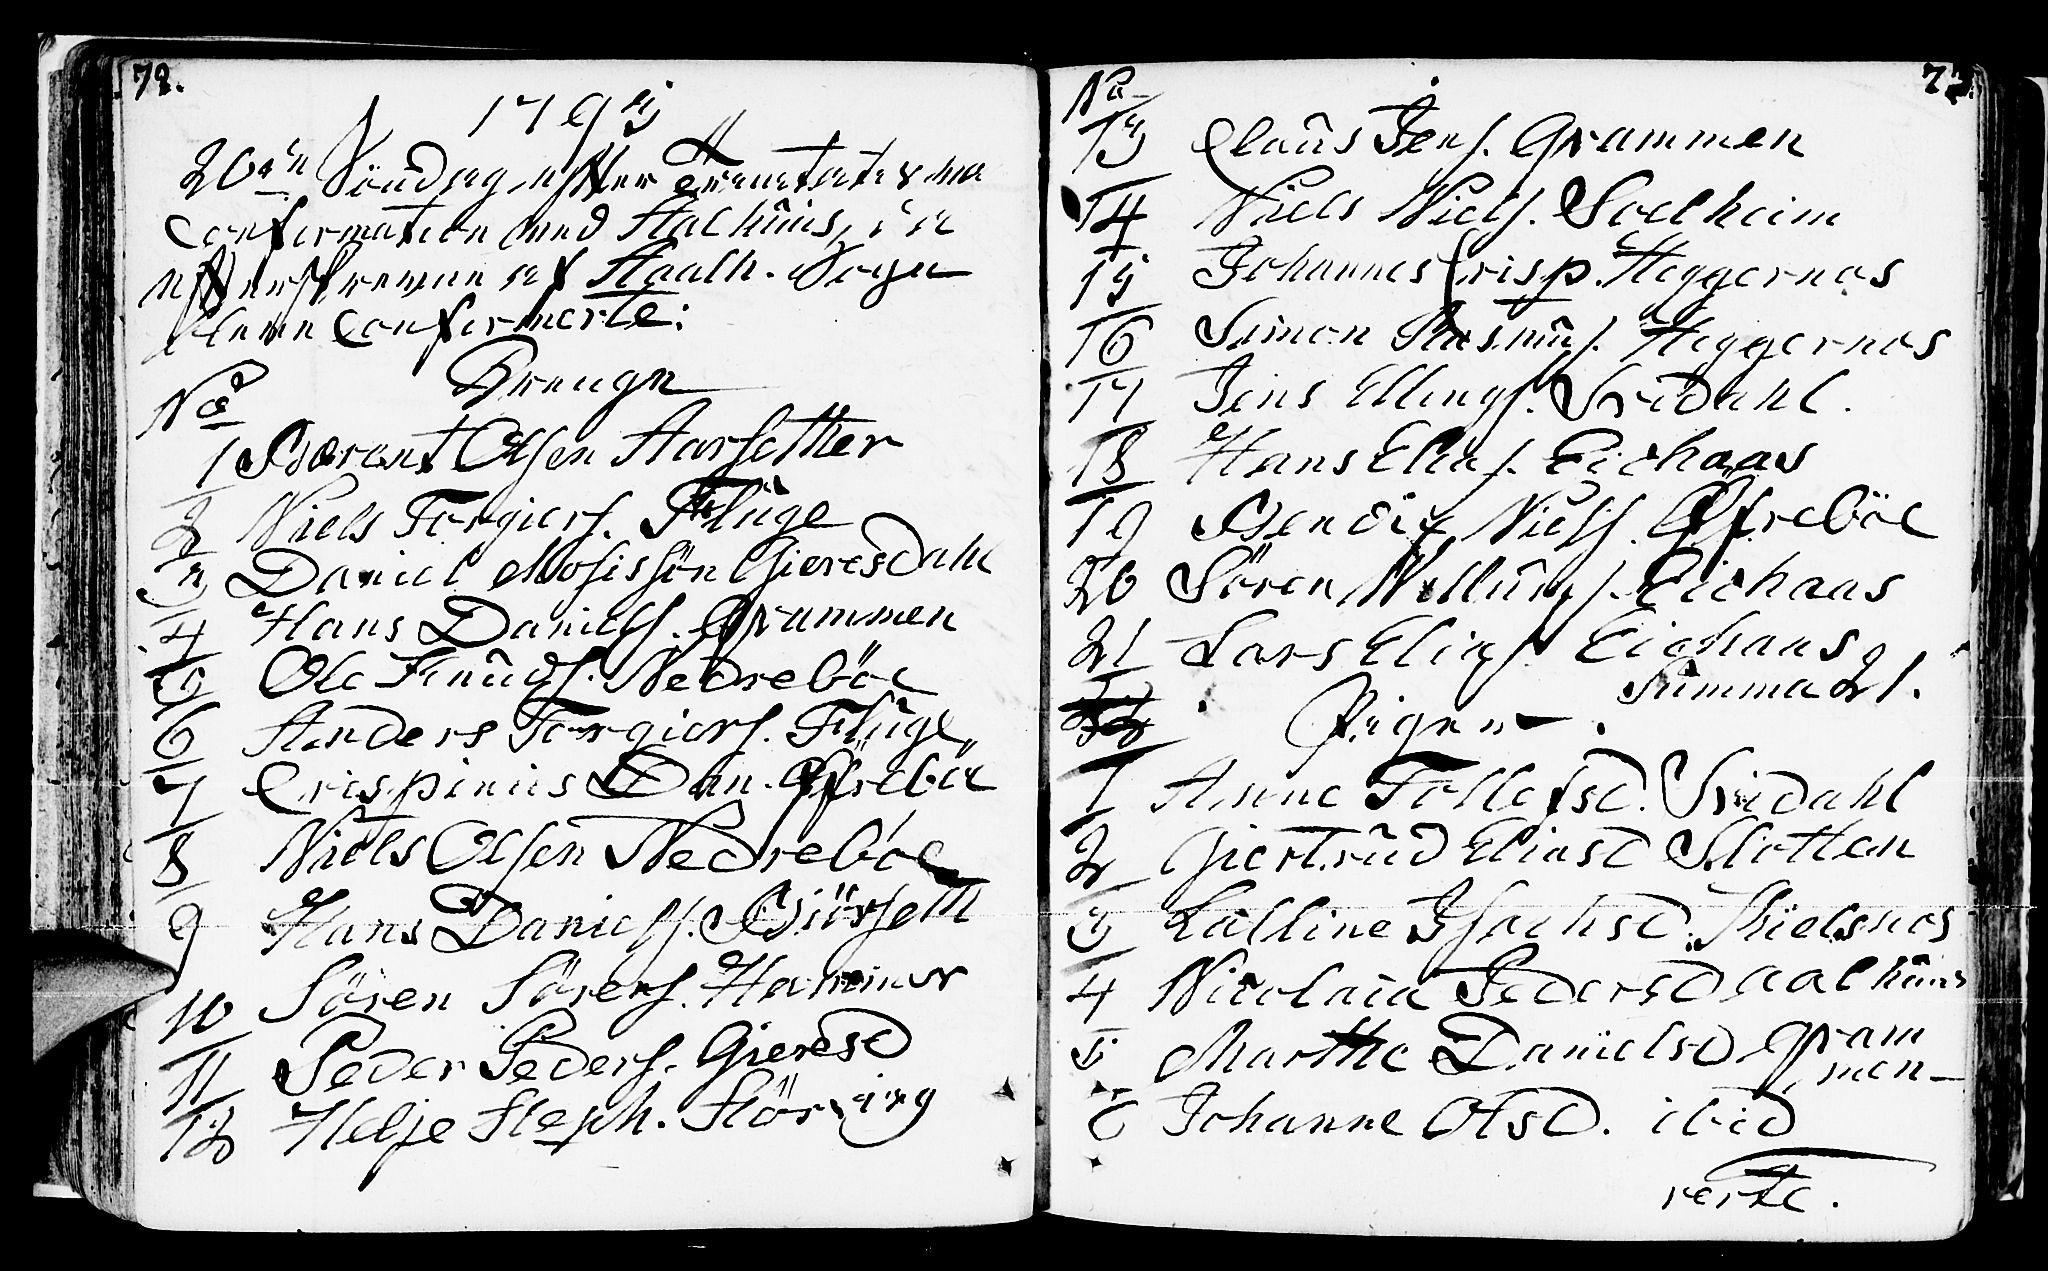 SAB, Jølster Sokneprestembete, Ministerialbok nr. A 5, 1790-1821, s. 72-73